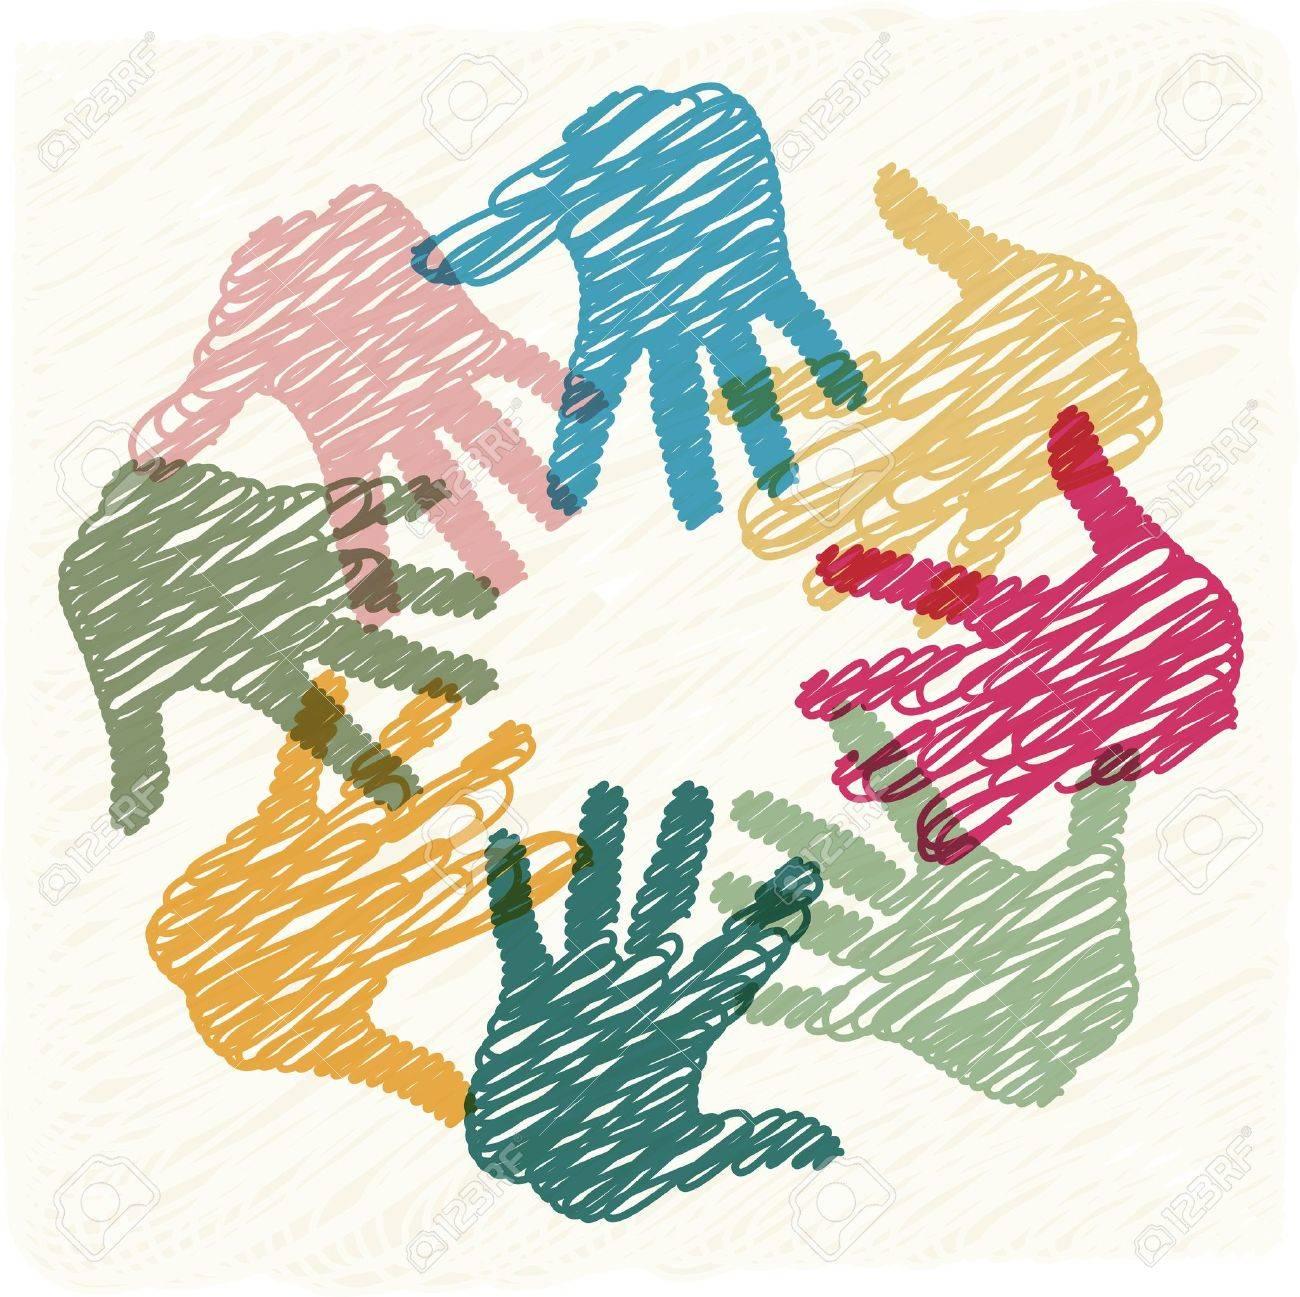 Teamwork hands - 15179152